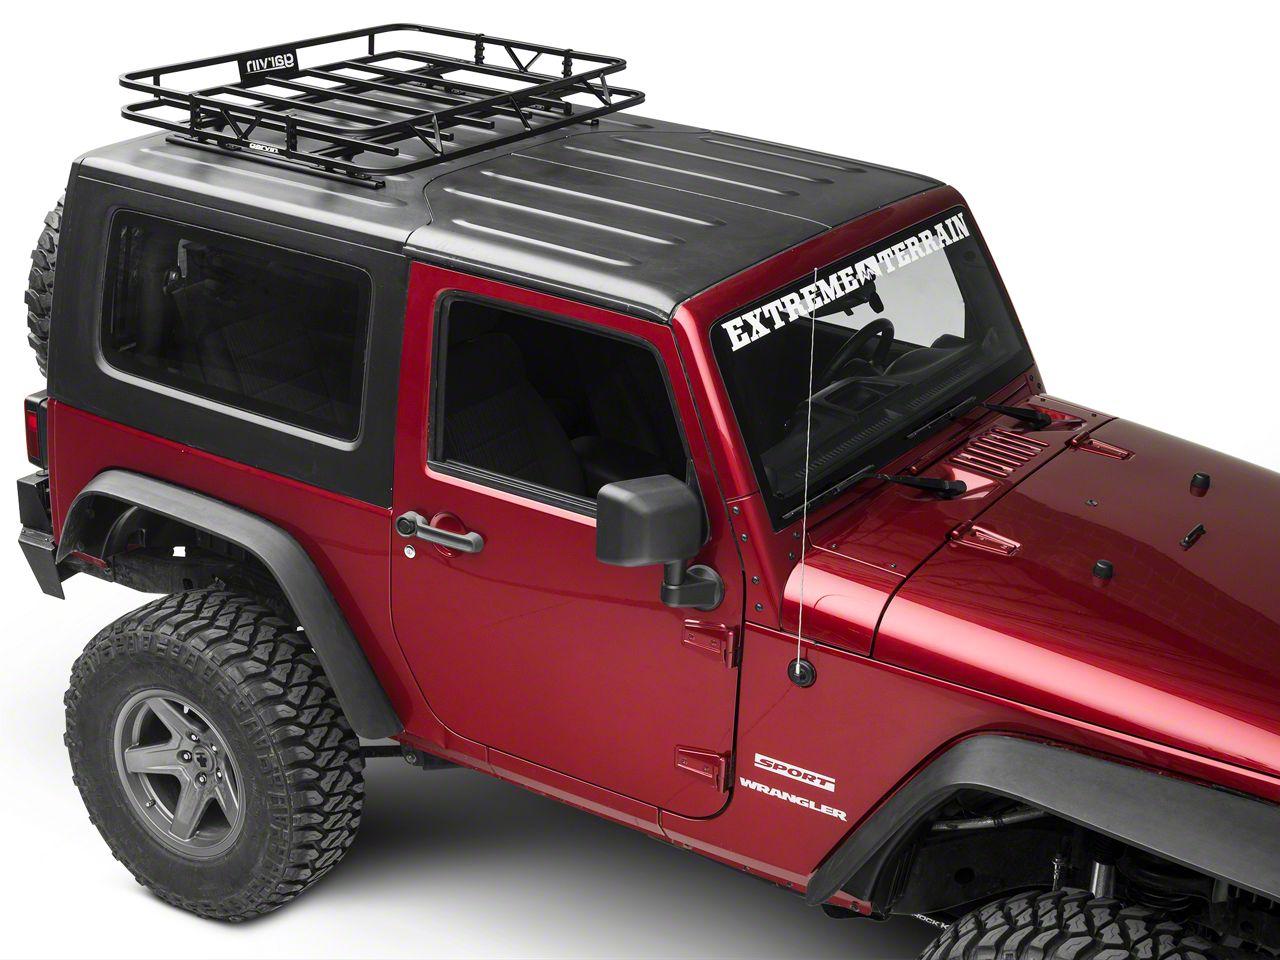 Garvin Jeep Wrangler Sport Series Track Rack 44012 07 18 Jeep Wrangler Jk 2 Door